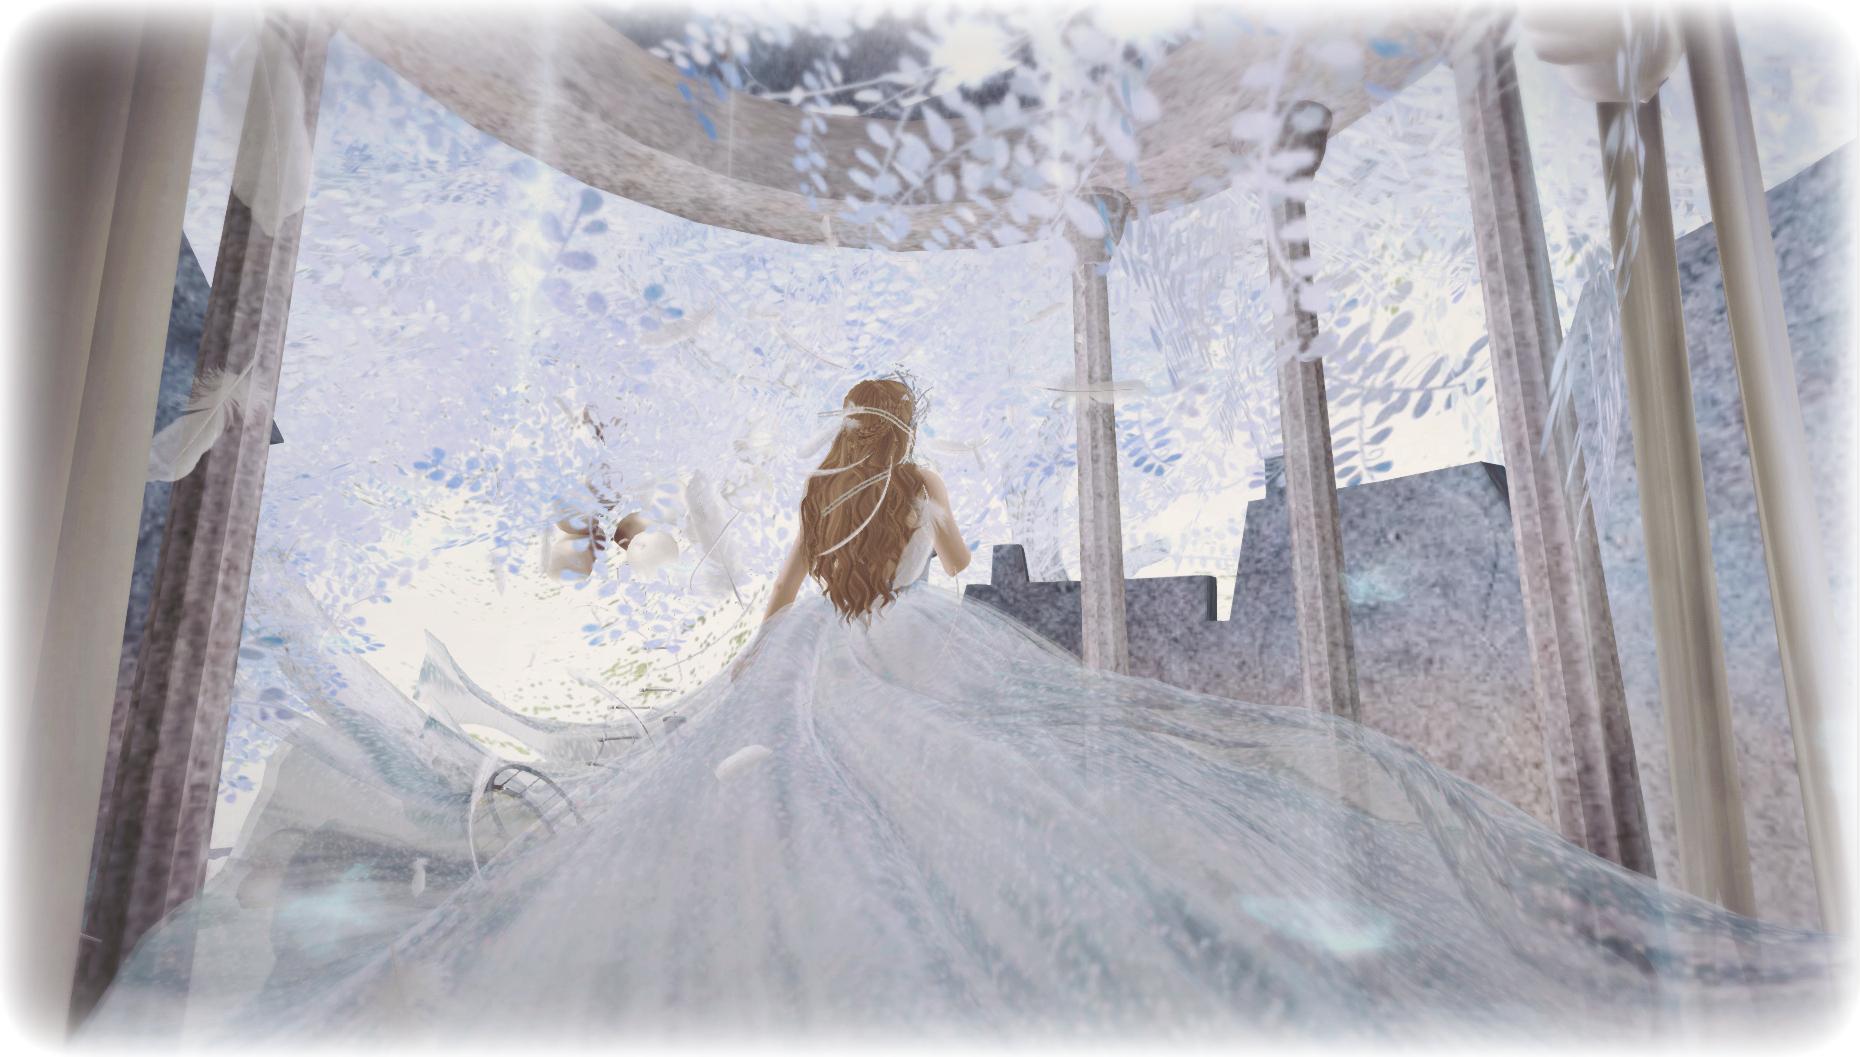 info for ccbcc 3f26f Hintergrundbilder : Foto, Kleid, Braut, Winter, Einfrieren ...